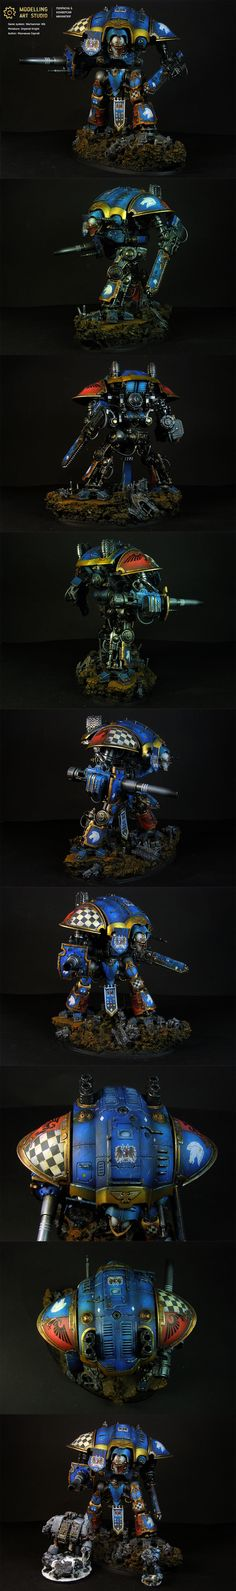 40k - Imperial Knight by Modelling Art Studio